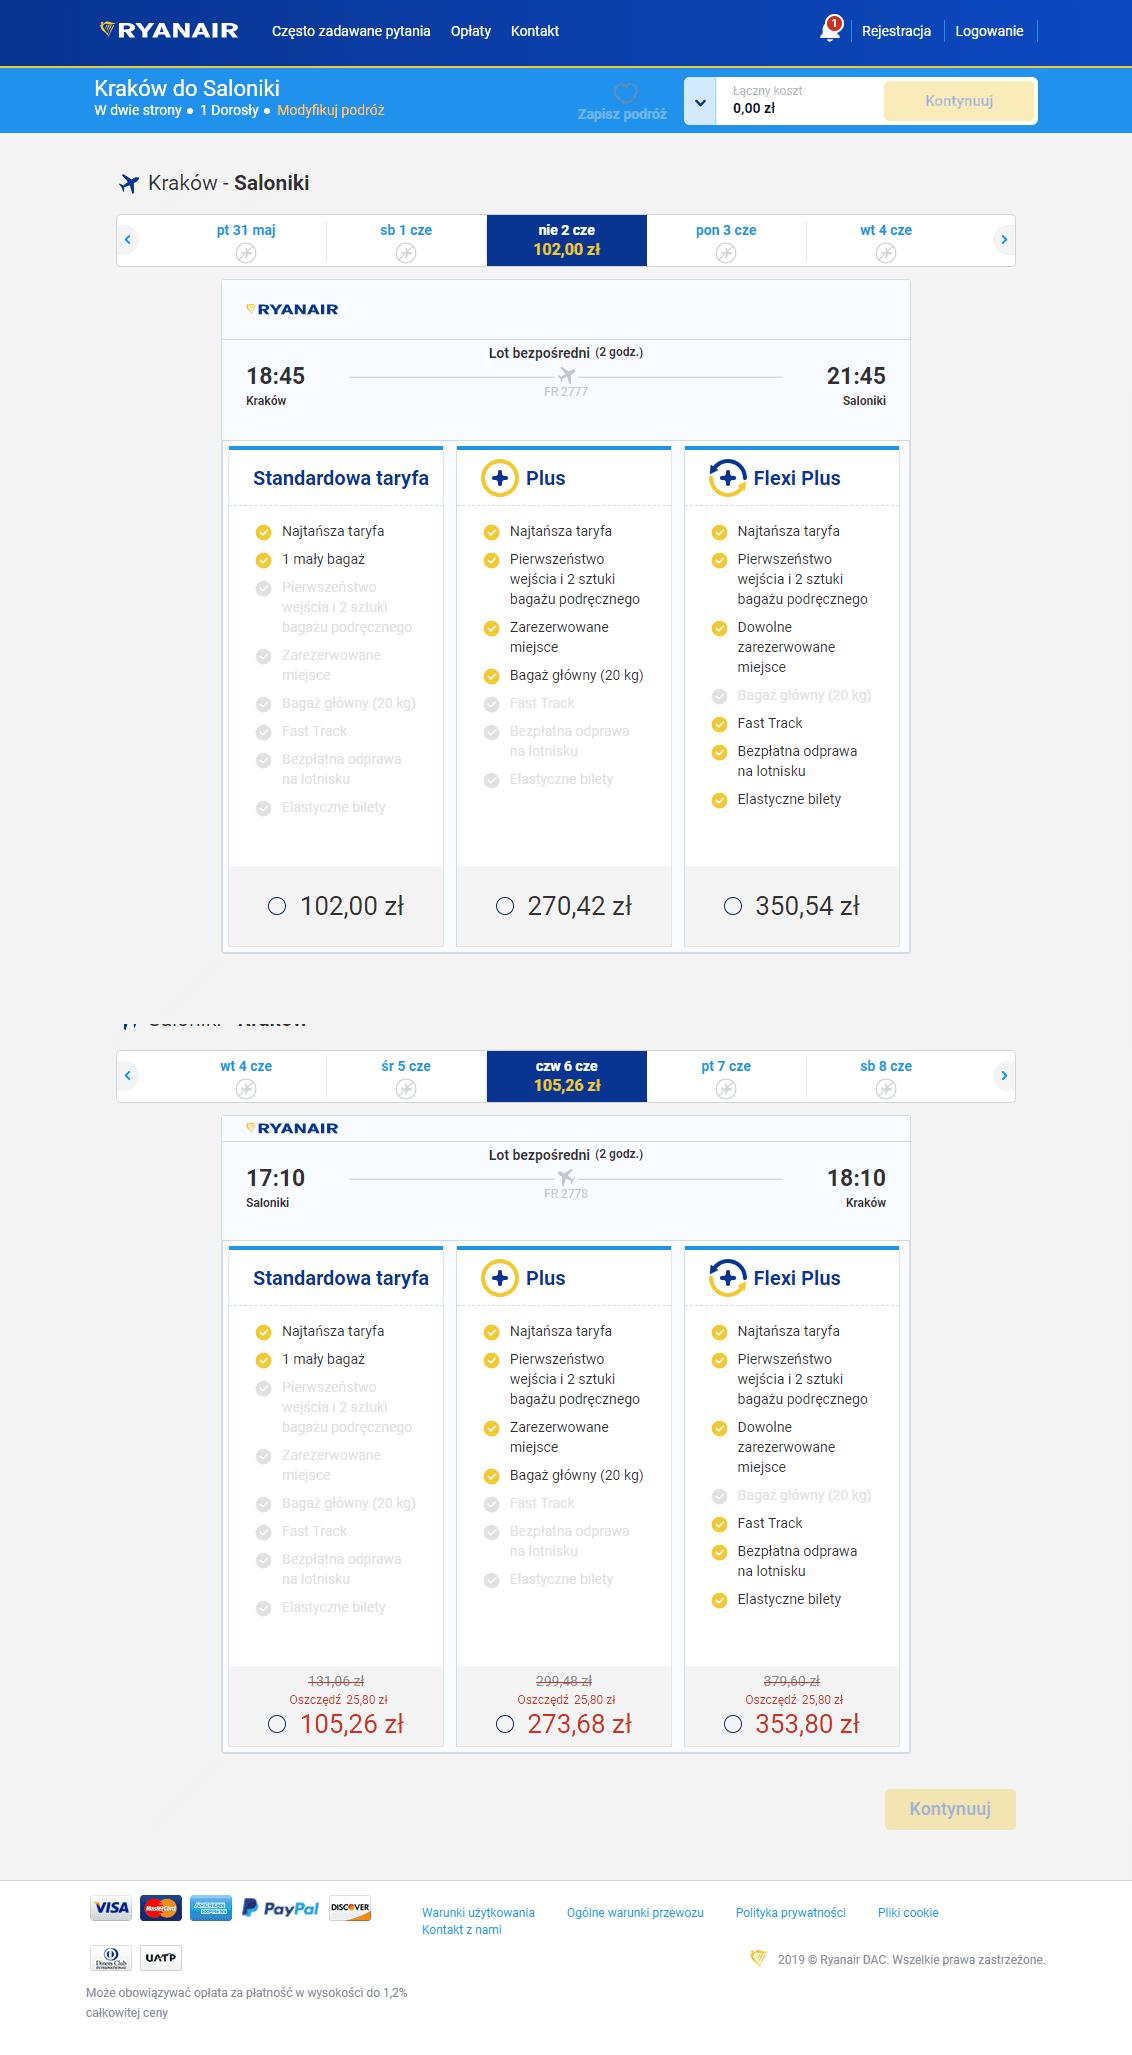 Ryanair dokonywanie rezerwacji - sprawdzenie cen Kraków Saloniki